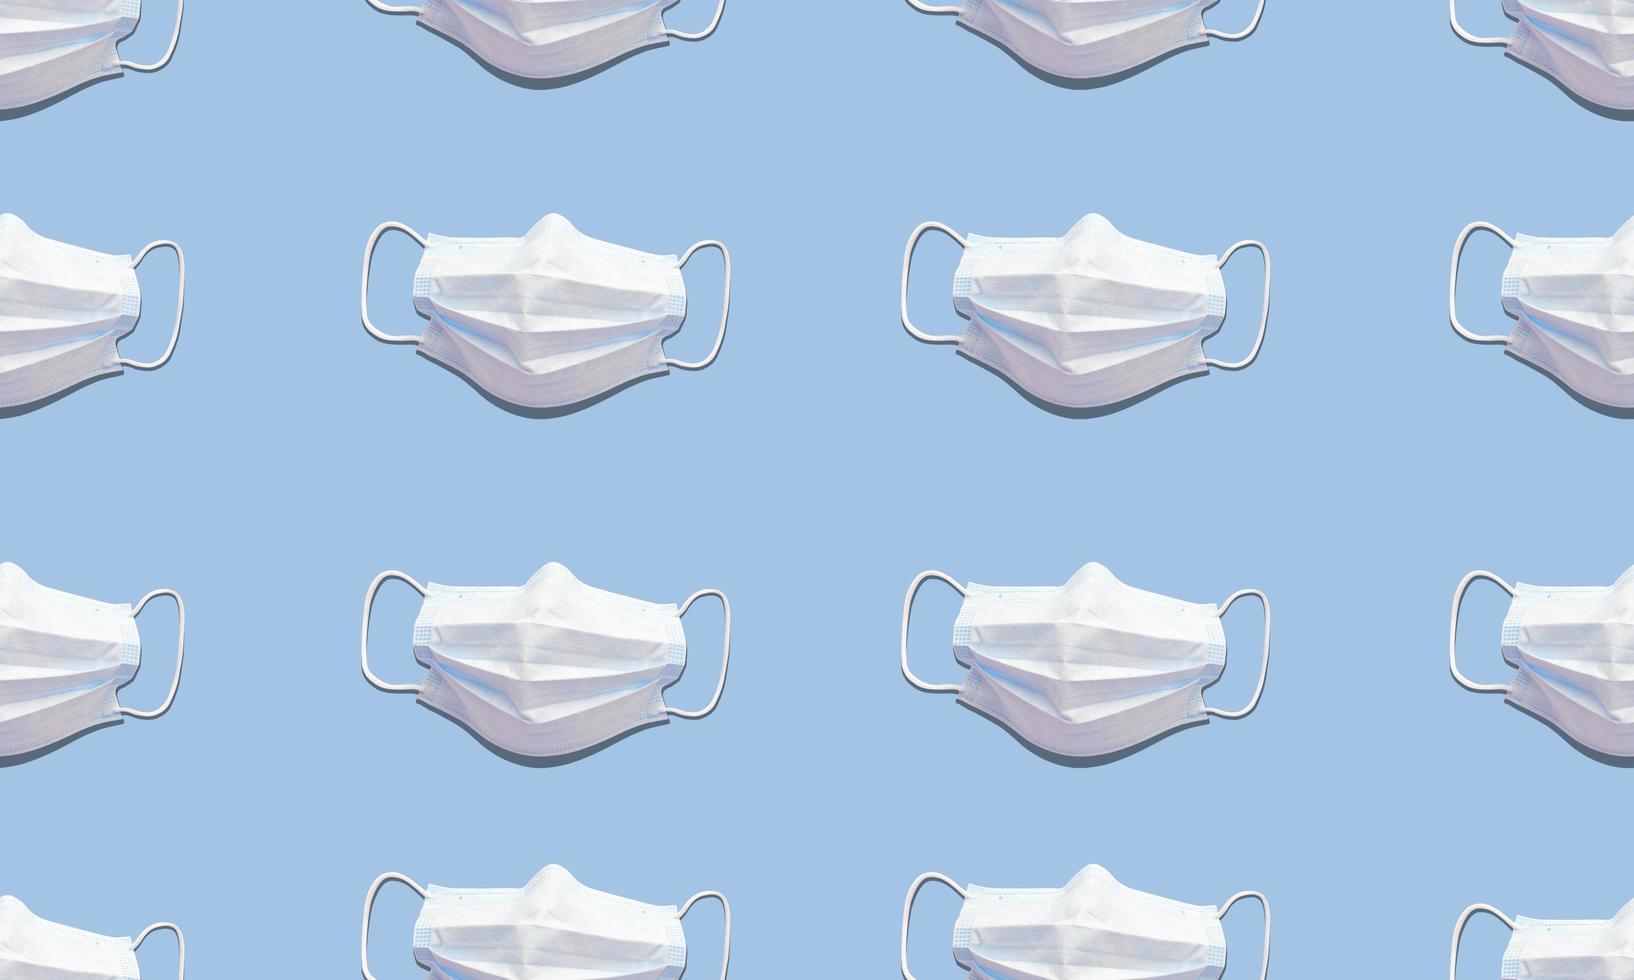 masques médicaux blancs sur fond bleu. modèle sans couture tendance avec des ombres dures. photo à plat.